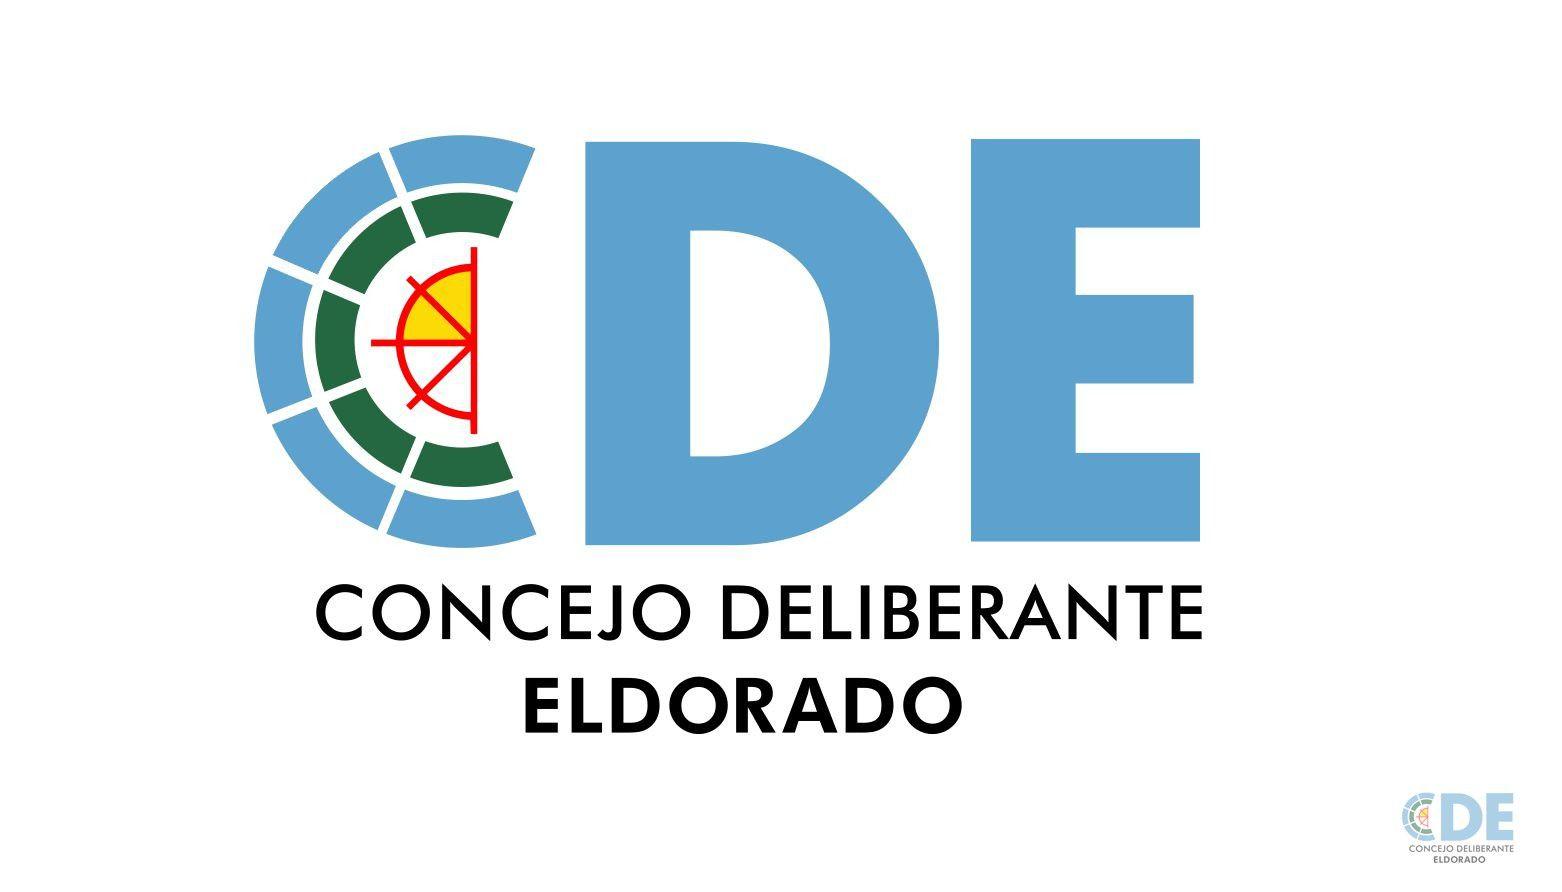 Nuevo sello emblema del Concejo Deliberante de Eldorado